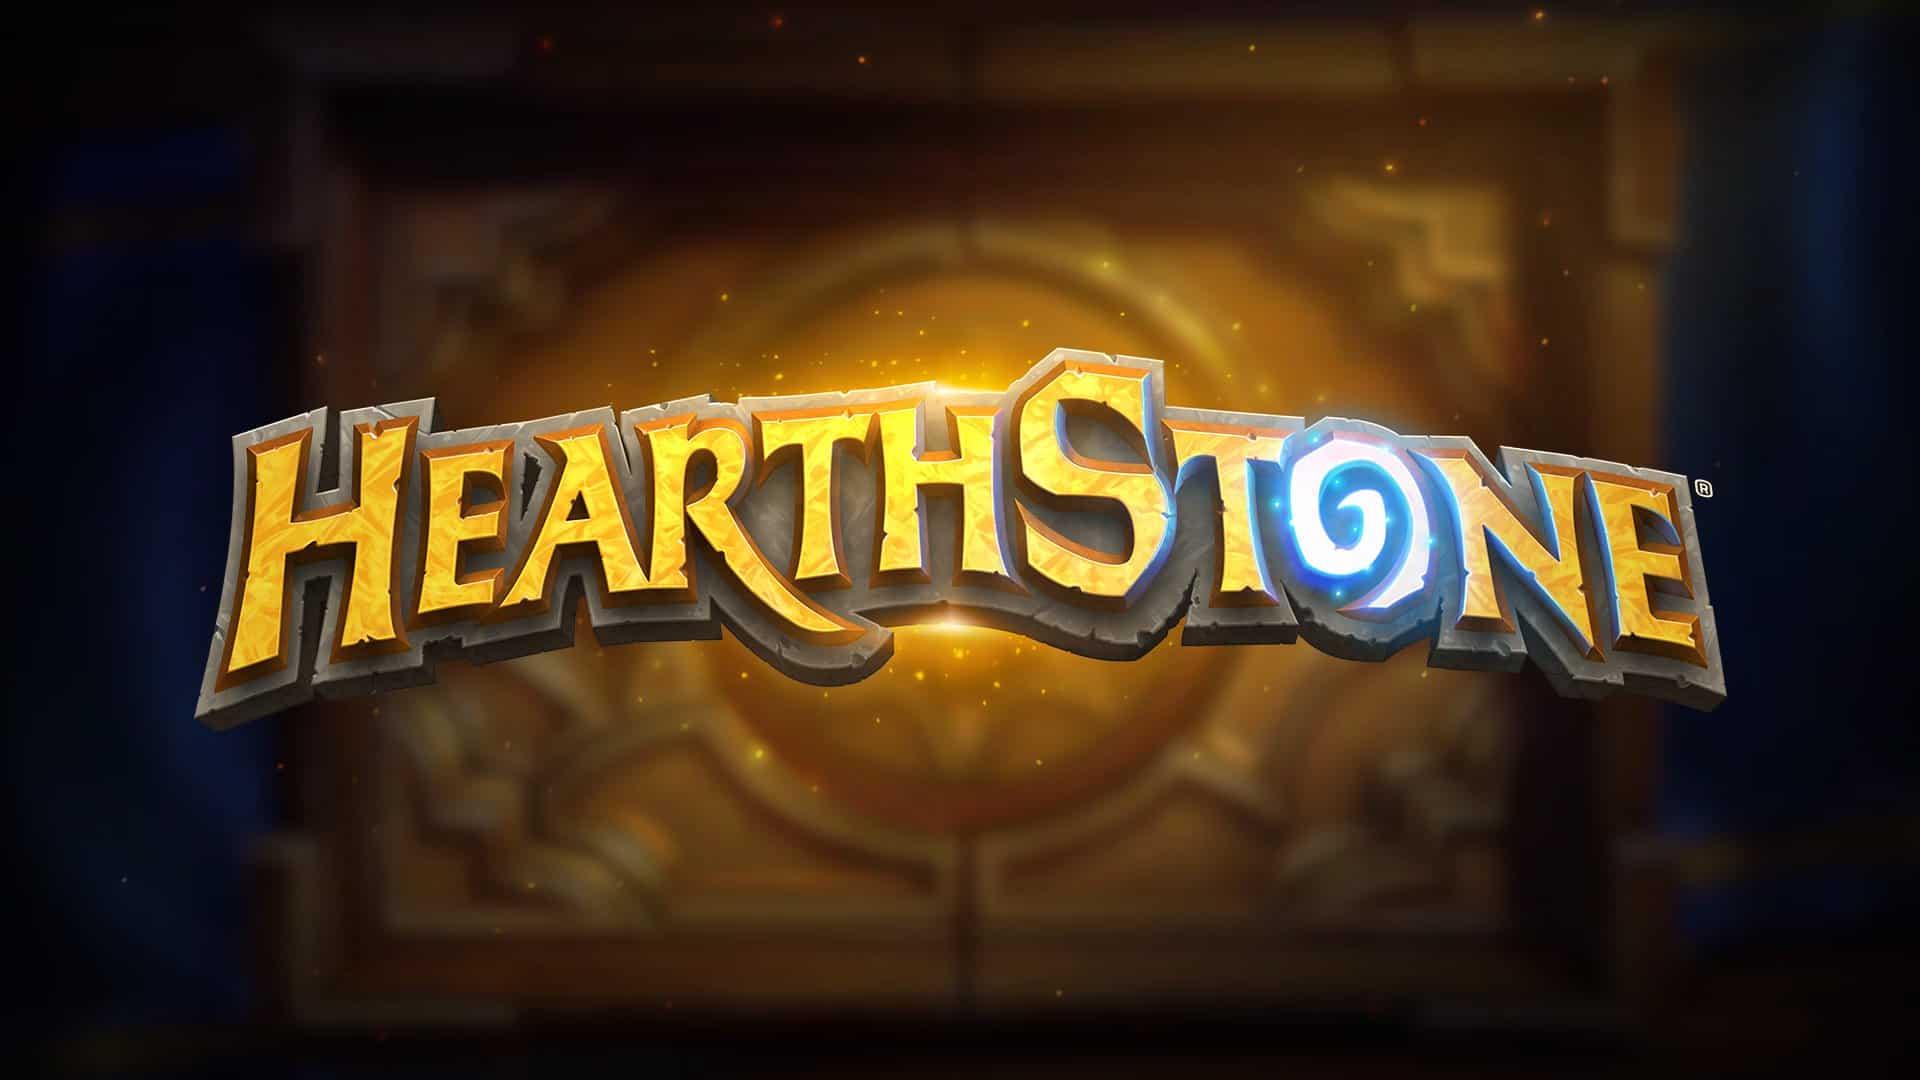 Le Congrès américain se mêle de l'affaire de la suspension du joueur Hearthstone